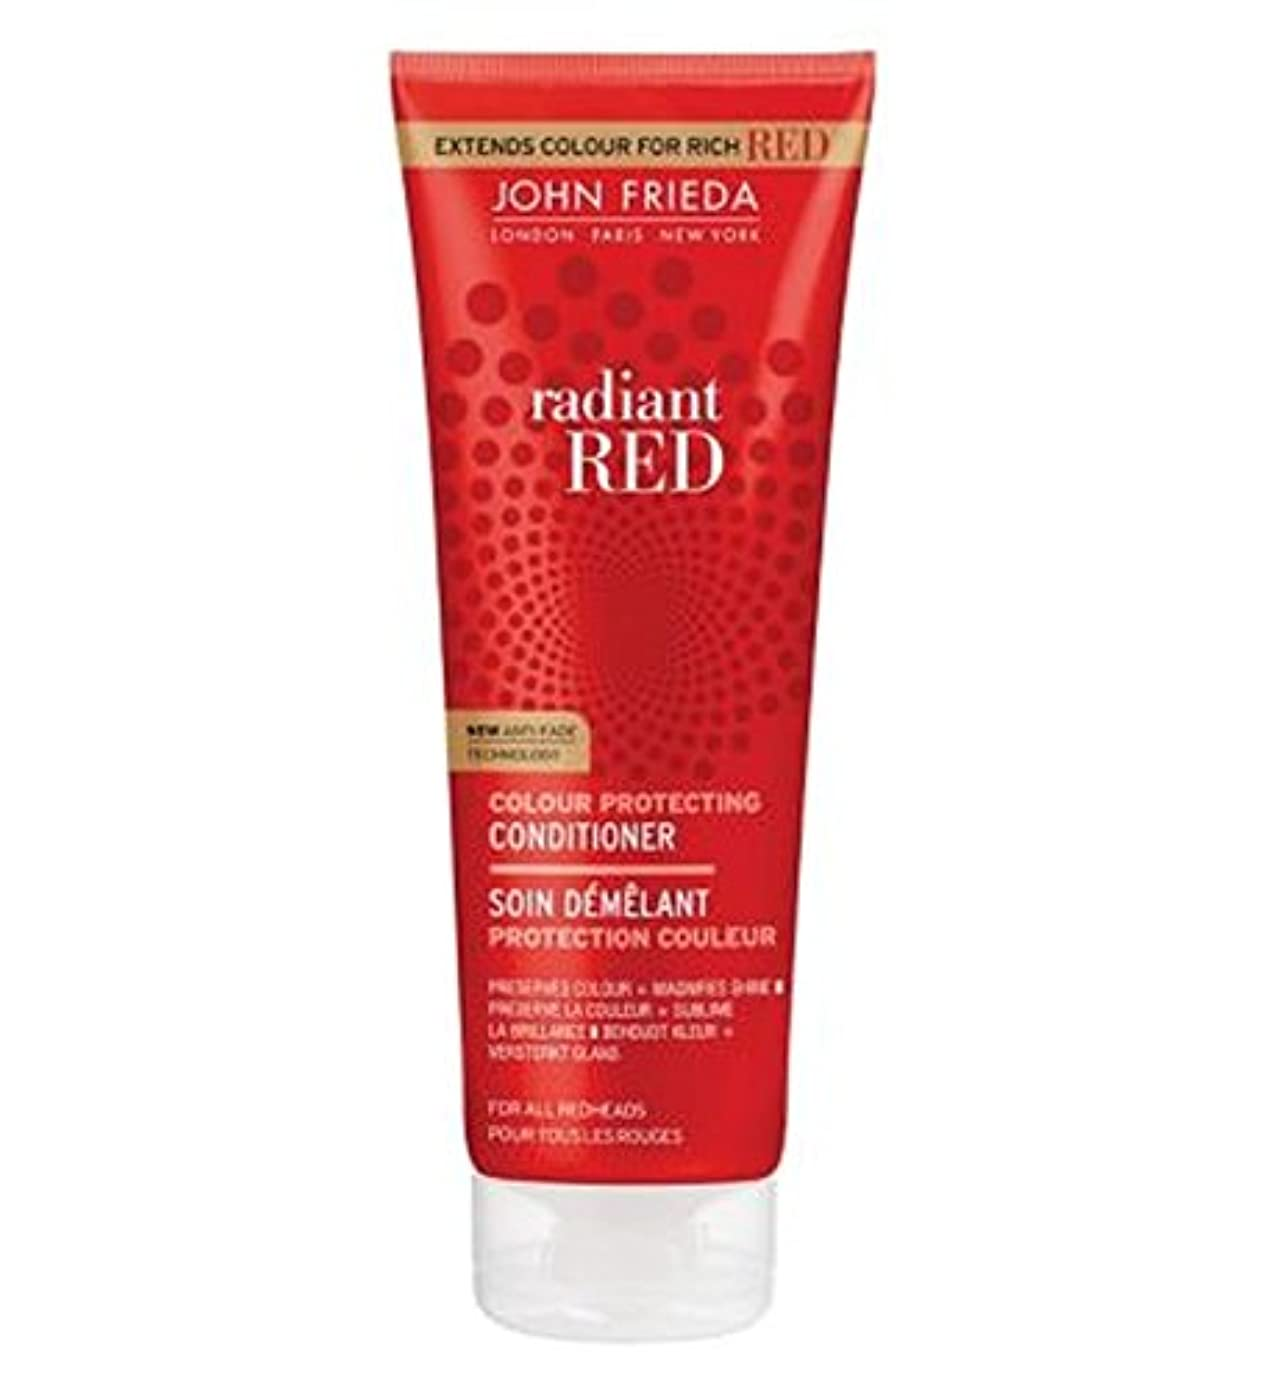 肌トリクル四回John Frieda Radiant Red Colour Magnifying Conditioner 250ml - ジョン?フリーダ放射赤色拡大コンディショナー250Ml (John Frieda) [並行輸入品]